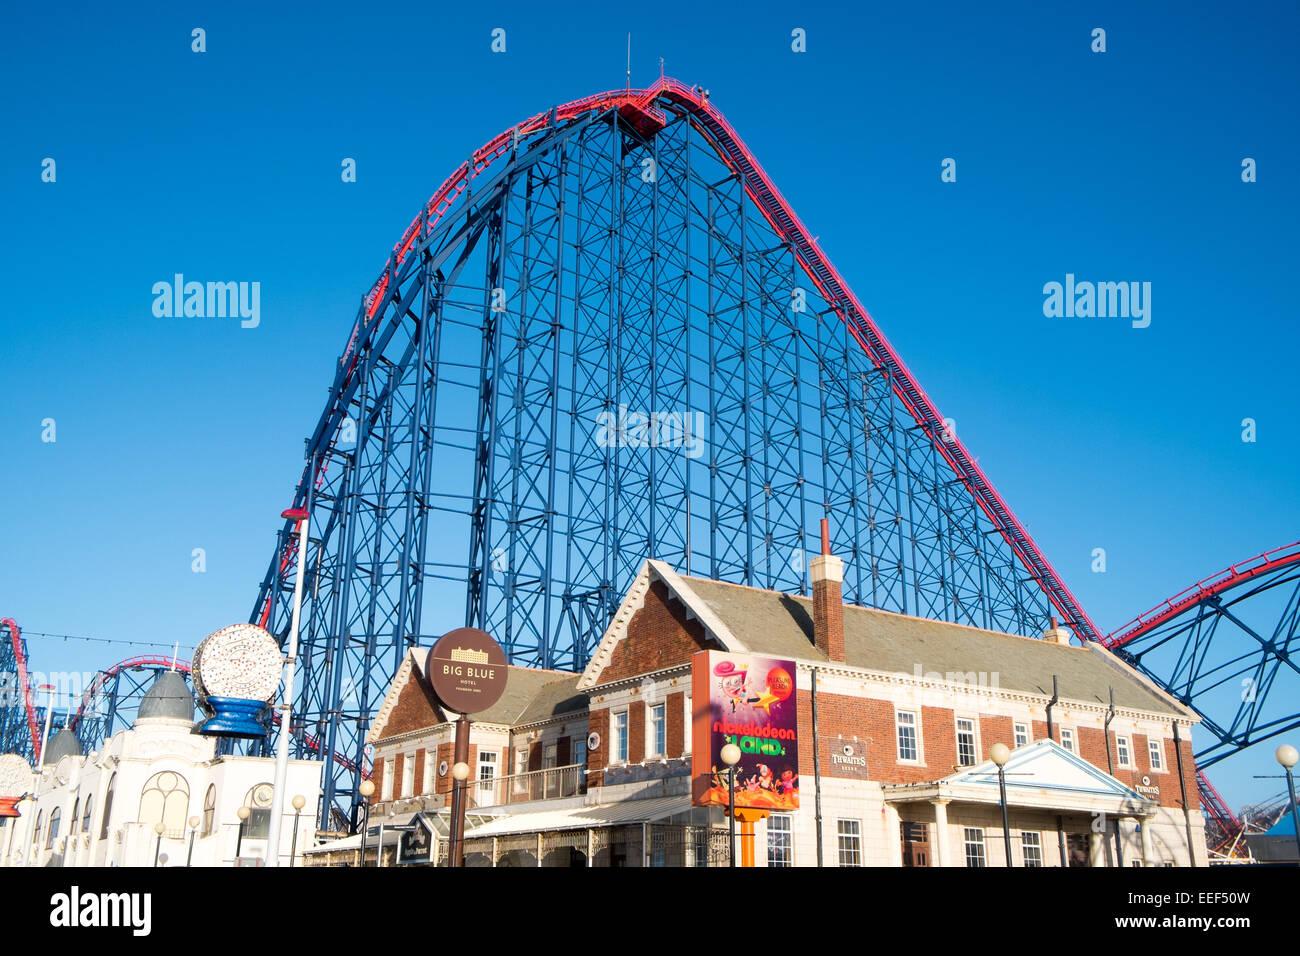 Blackpool Pleasure Beach Visit Blackpool